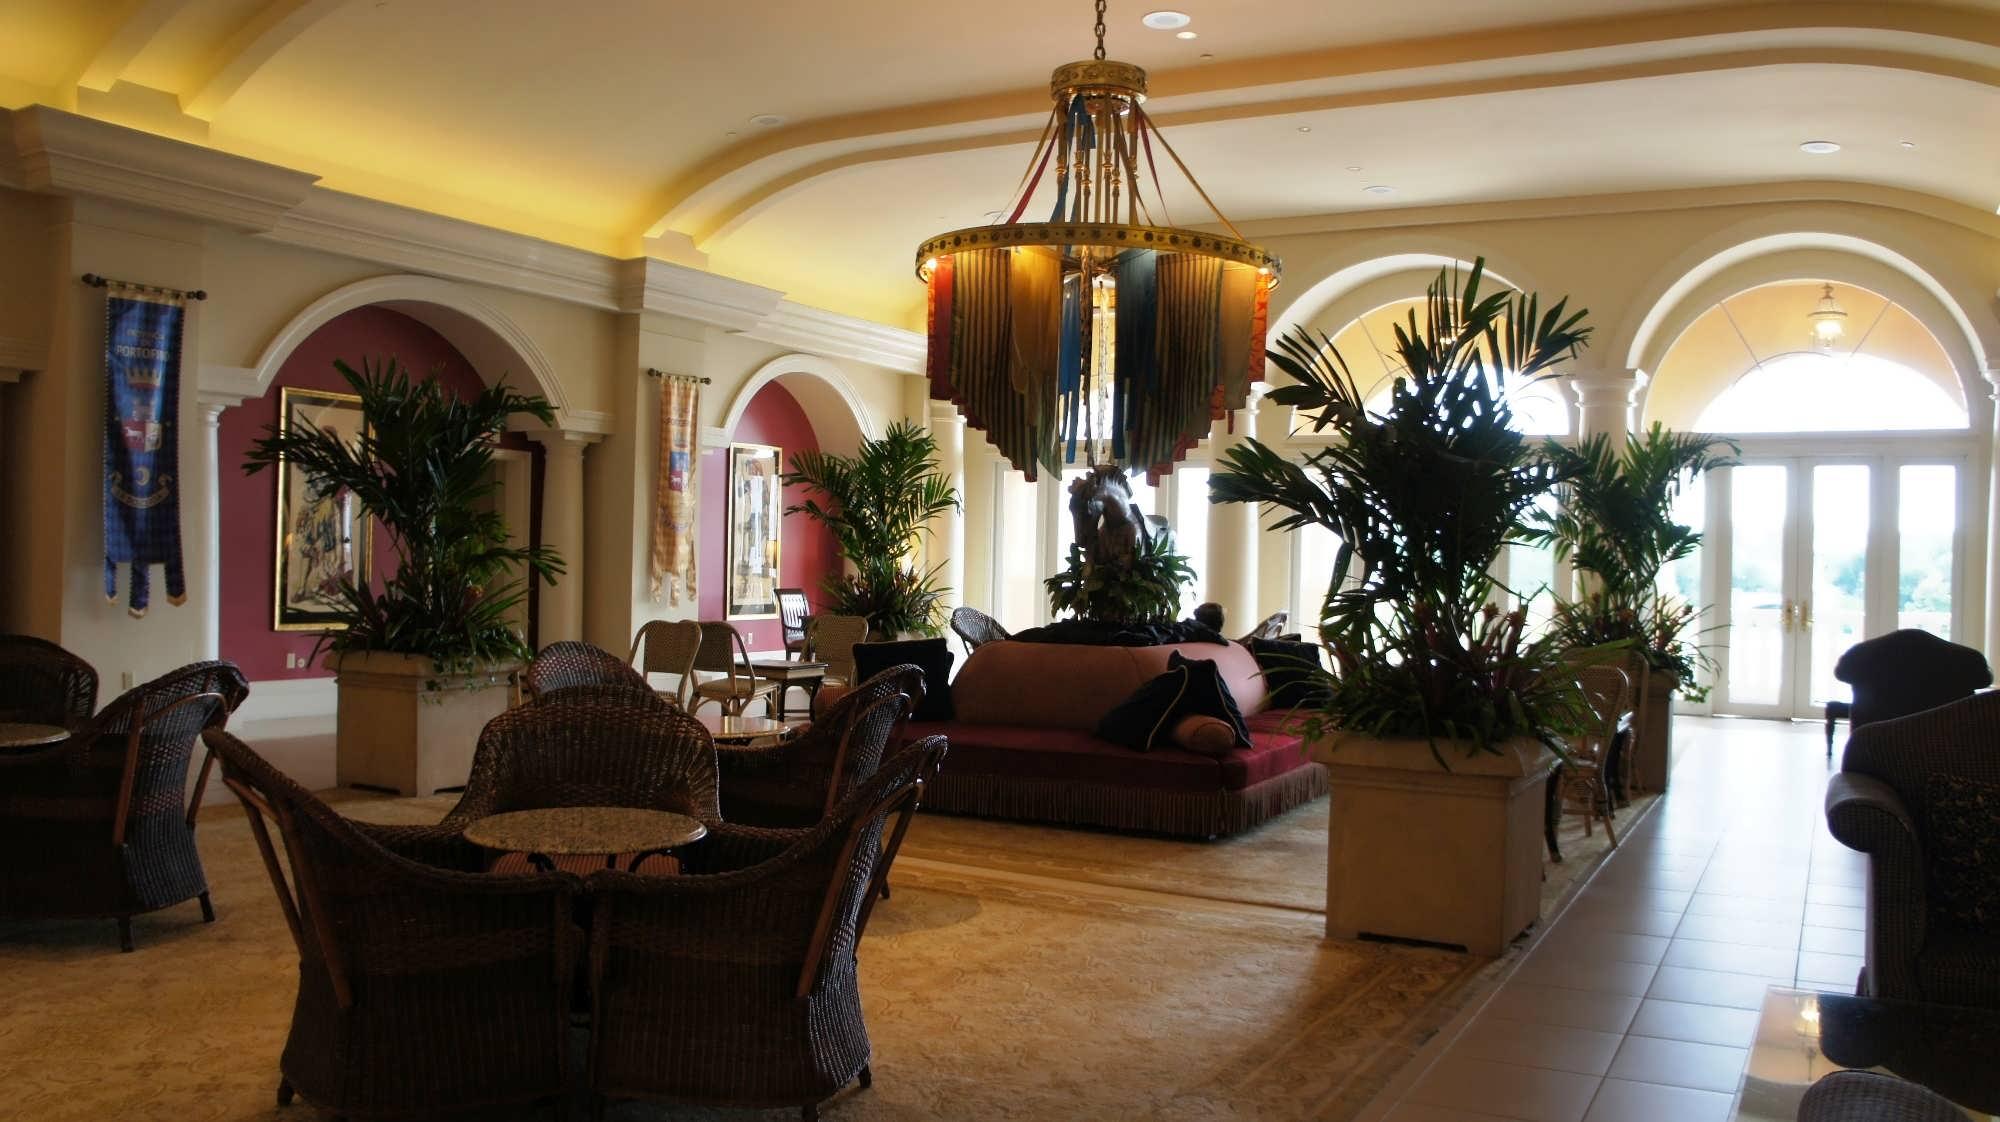 Portofino Bay Hotel Front Desk and lobby area